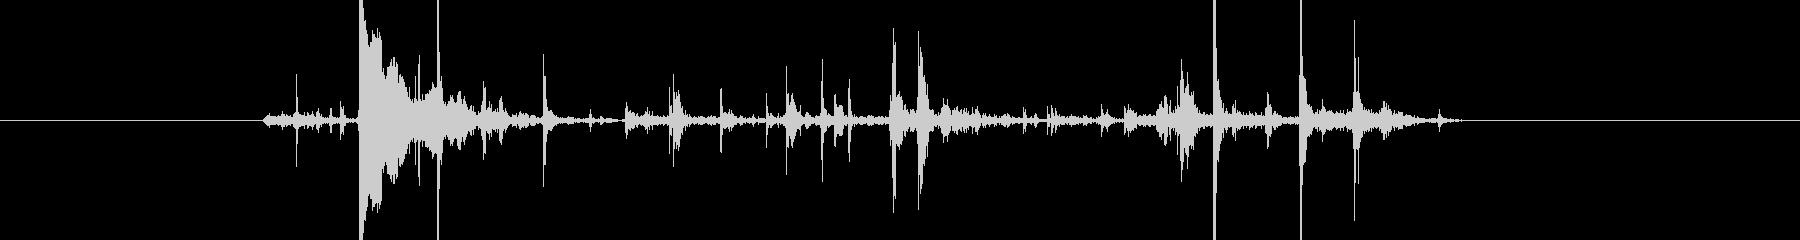 水音44の未再生の波形